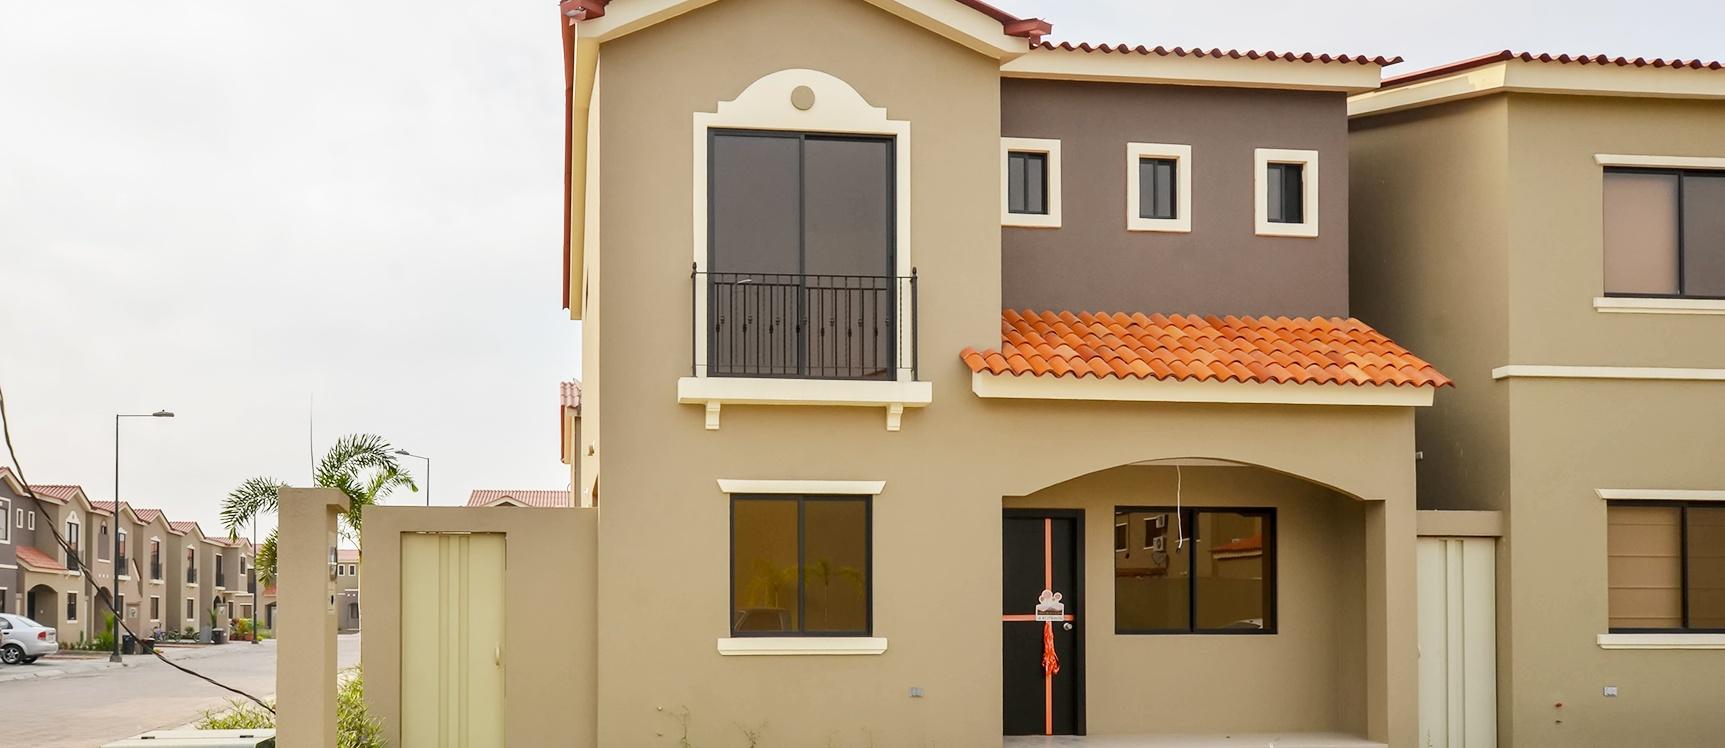 Casa En Alquiler En Urbanizaci N La Romareda Sector Norte